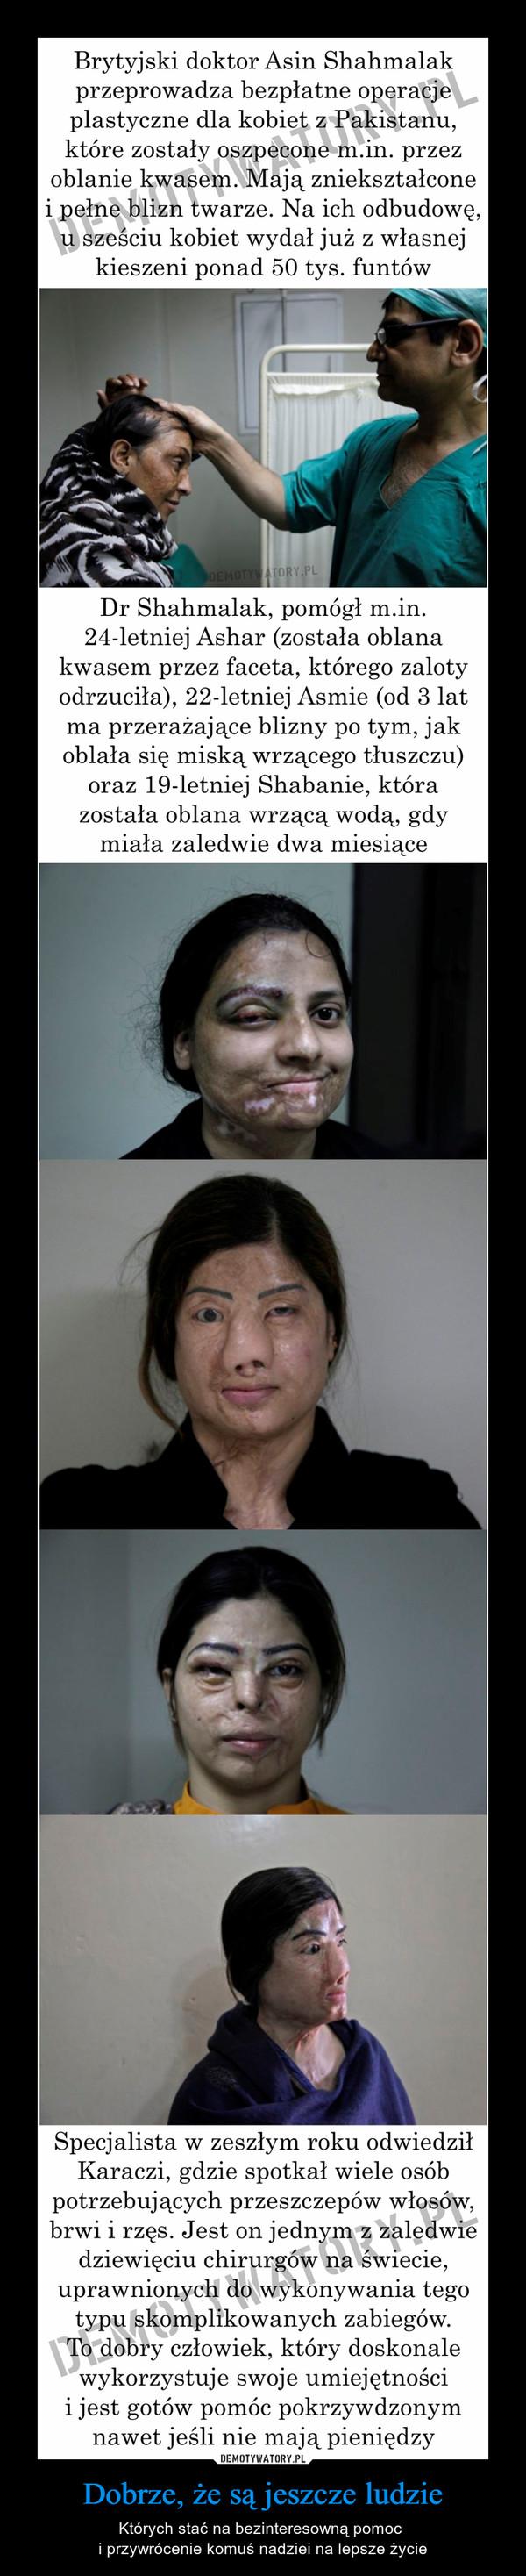 Dobrze, że są jeszcze ludzie – Których stać na bezinteresowną pomoc i przywrócenie komuś nadziei na lepsze życie Brytyjski doktor Asin Shahmalakprzeprowadza bezpłatne operacjeplastyczne dla kobiet z Pakistanu,które zostały oszpecone m.in. przezoblanie kwasem. Maja zniekształconei pełne blizn twarze. Na ich odbudowęu sześciu kobiet wydał już z własnejkieszeni ponad 50 tys. funtówDr Shahmalak, pomógł m.in.24-letniej Ashar (została oblanakwasem przez faceta, którego zalotyodrzuciła), 22-letniej Asmie (od 3 latma przerażające blizny po tym, jakoblała się miską wrzącego tłuszczu)oraz 19-letniej Shabanie, którazostała oblana wrzącą wodą, gdyiała zaledwie dwa miesiąceSpecjalista w zeszłym roku odwiedziłKaraczi, gdzie spotkał wiele osóbpotrzebujących przeszczepów włosów,brwi i rzęs. Jest on jednym z zaledwiedziewięciu chirurgów na swiecie,uprawnionych do wykonywania tegotypu skomplikowanych zabiegówTo dobry człowiek, który doskonalewykorzystuje swoje umiejętnościi jest gotów pomóc pokrzywdzonymnawet jeśli nie mają pieniędzy